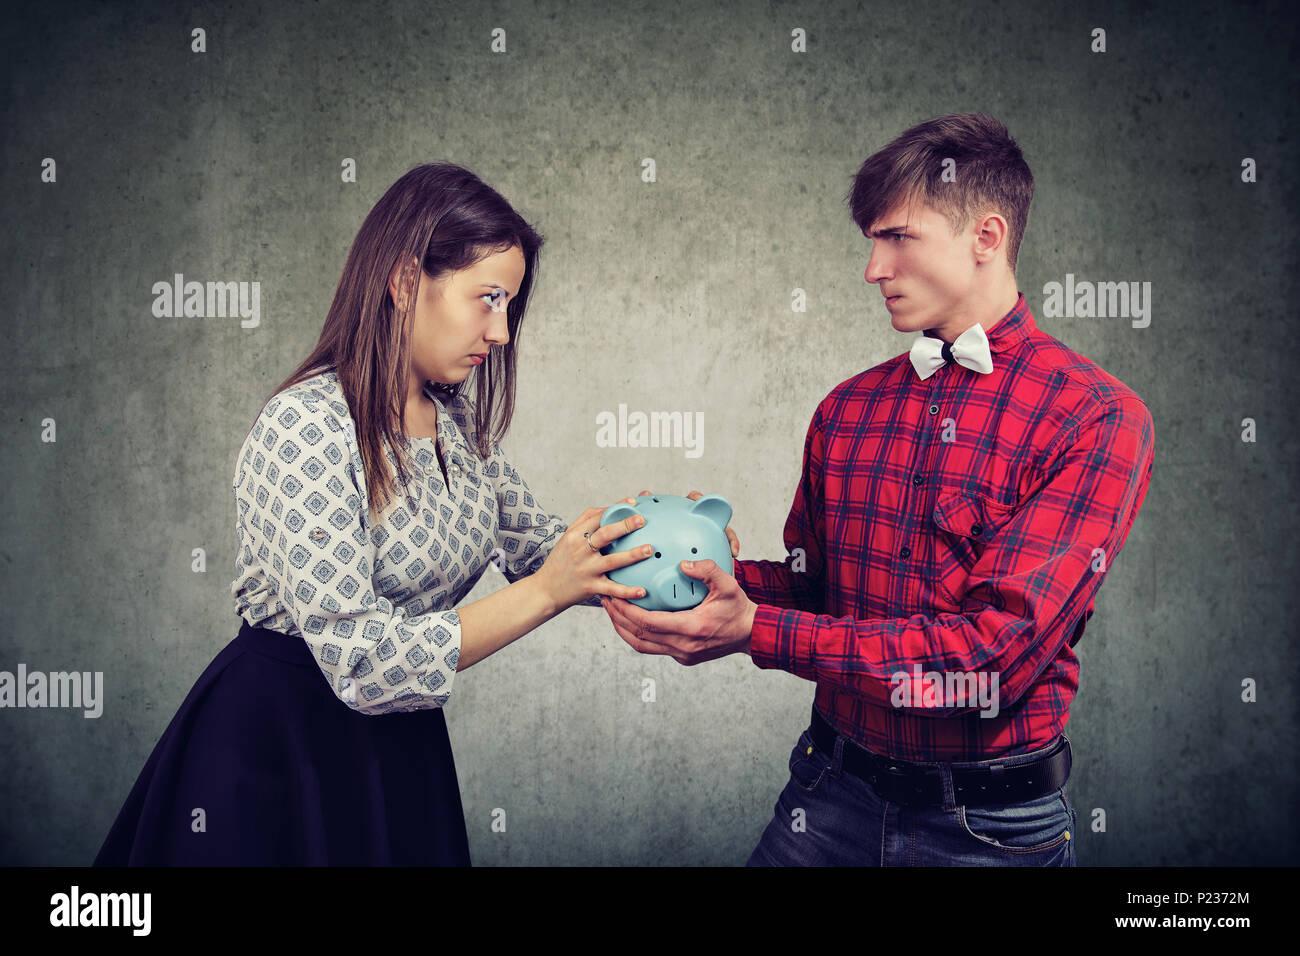 Finanze nel concetto di divorzio. Arrabbiato moglie e marito non può rendere insediamento azienda salvadanaio guardando ogni altro con odio Immagini Stock